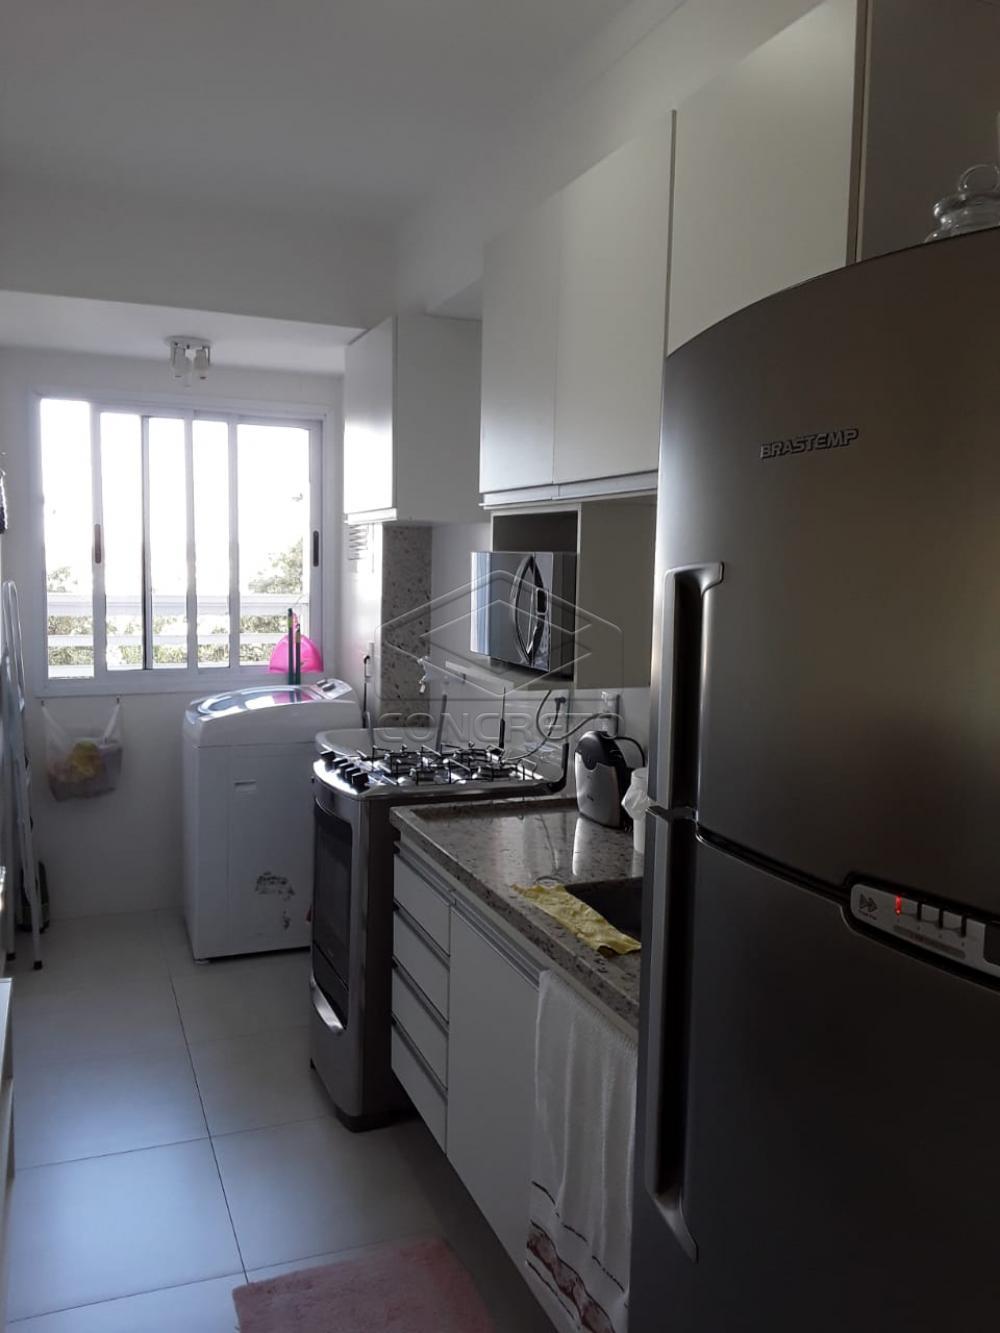 Comprar Apartamento / Padrão em Bauru R$ 440.000,00 - Foto 3